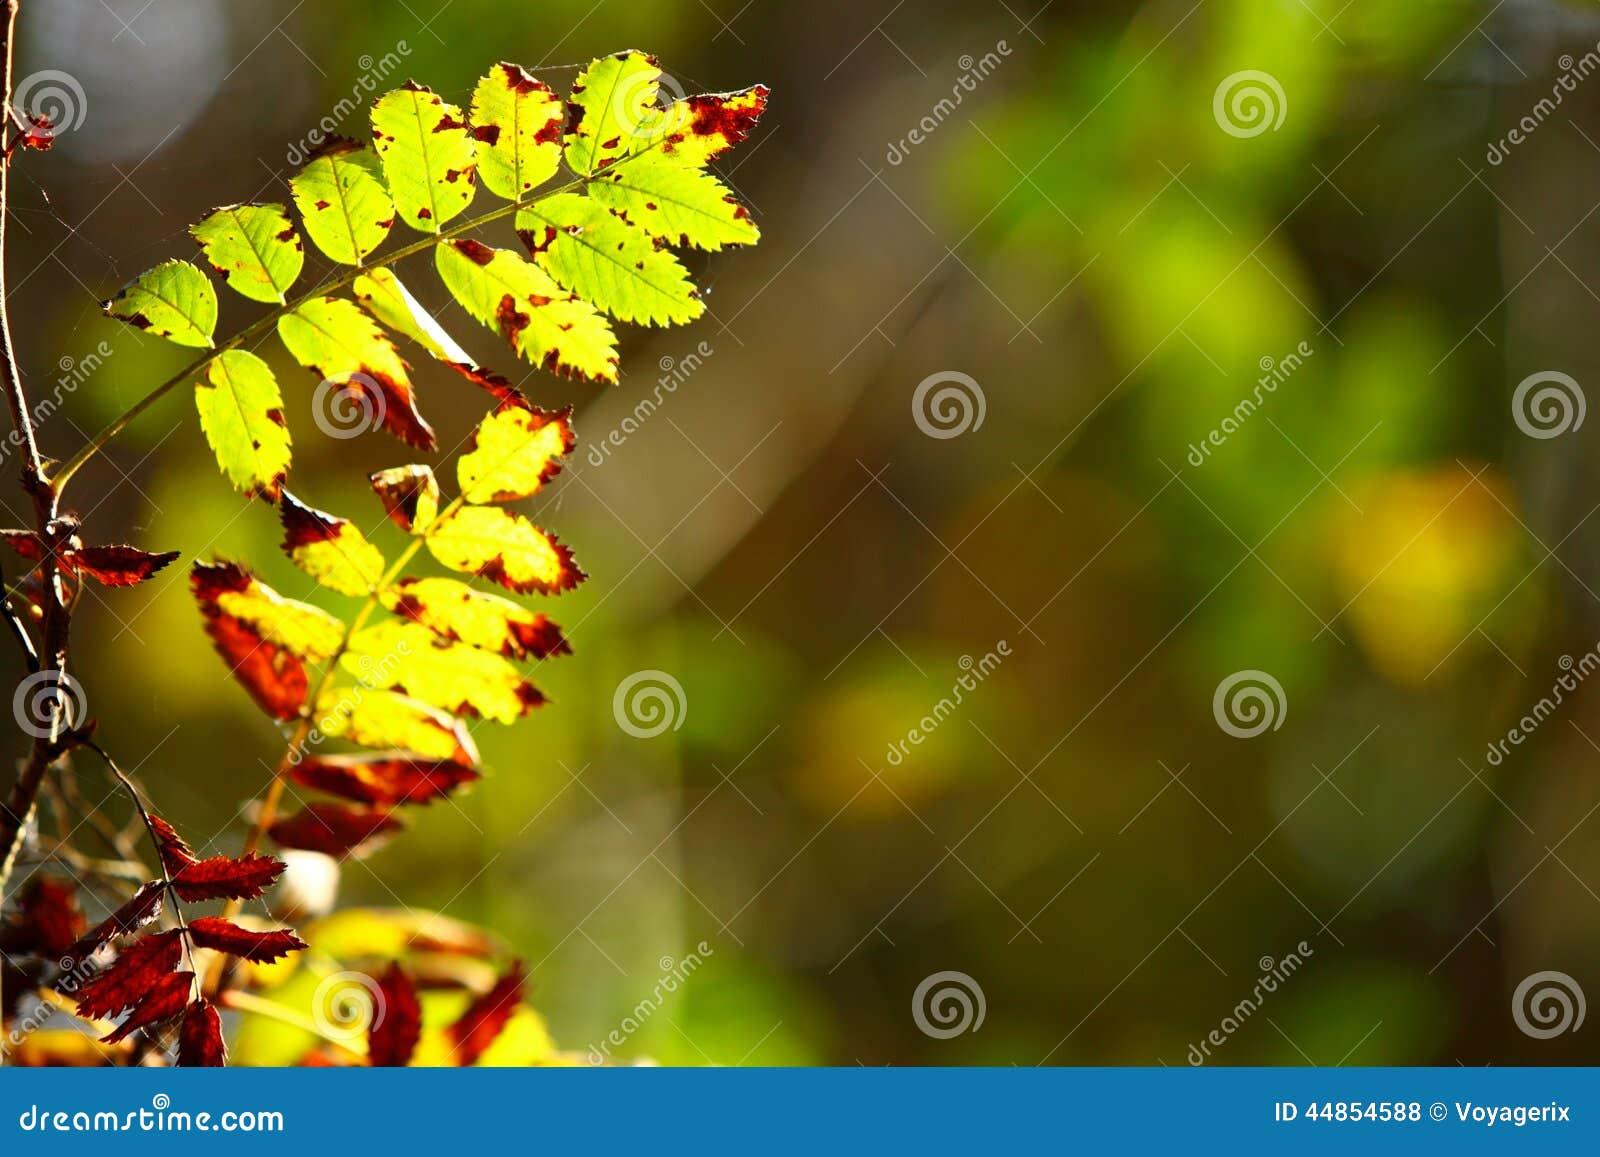 Hojas de otoño en fondo borroso bosque